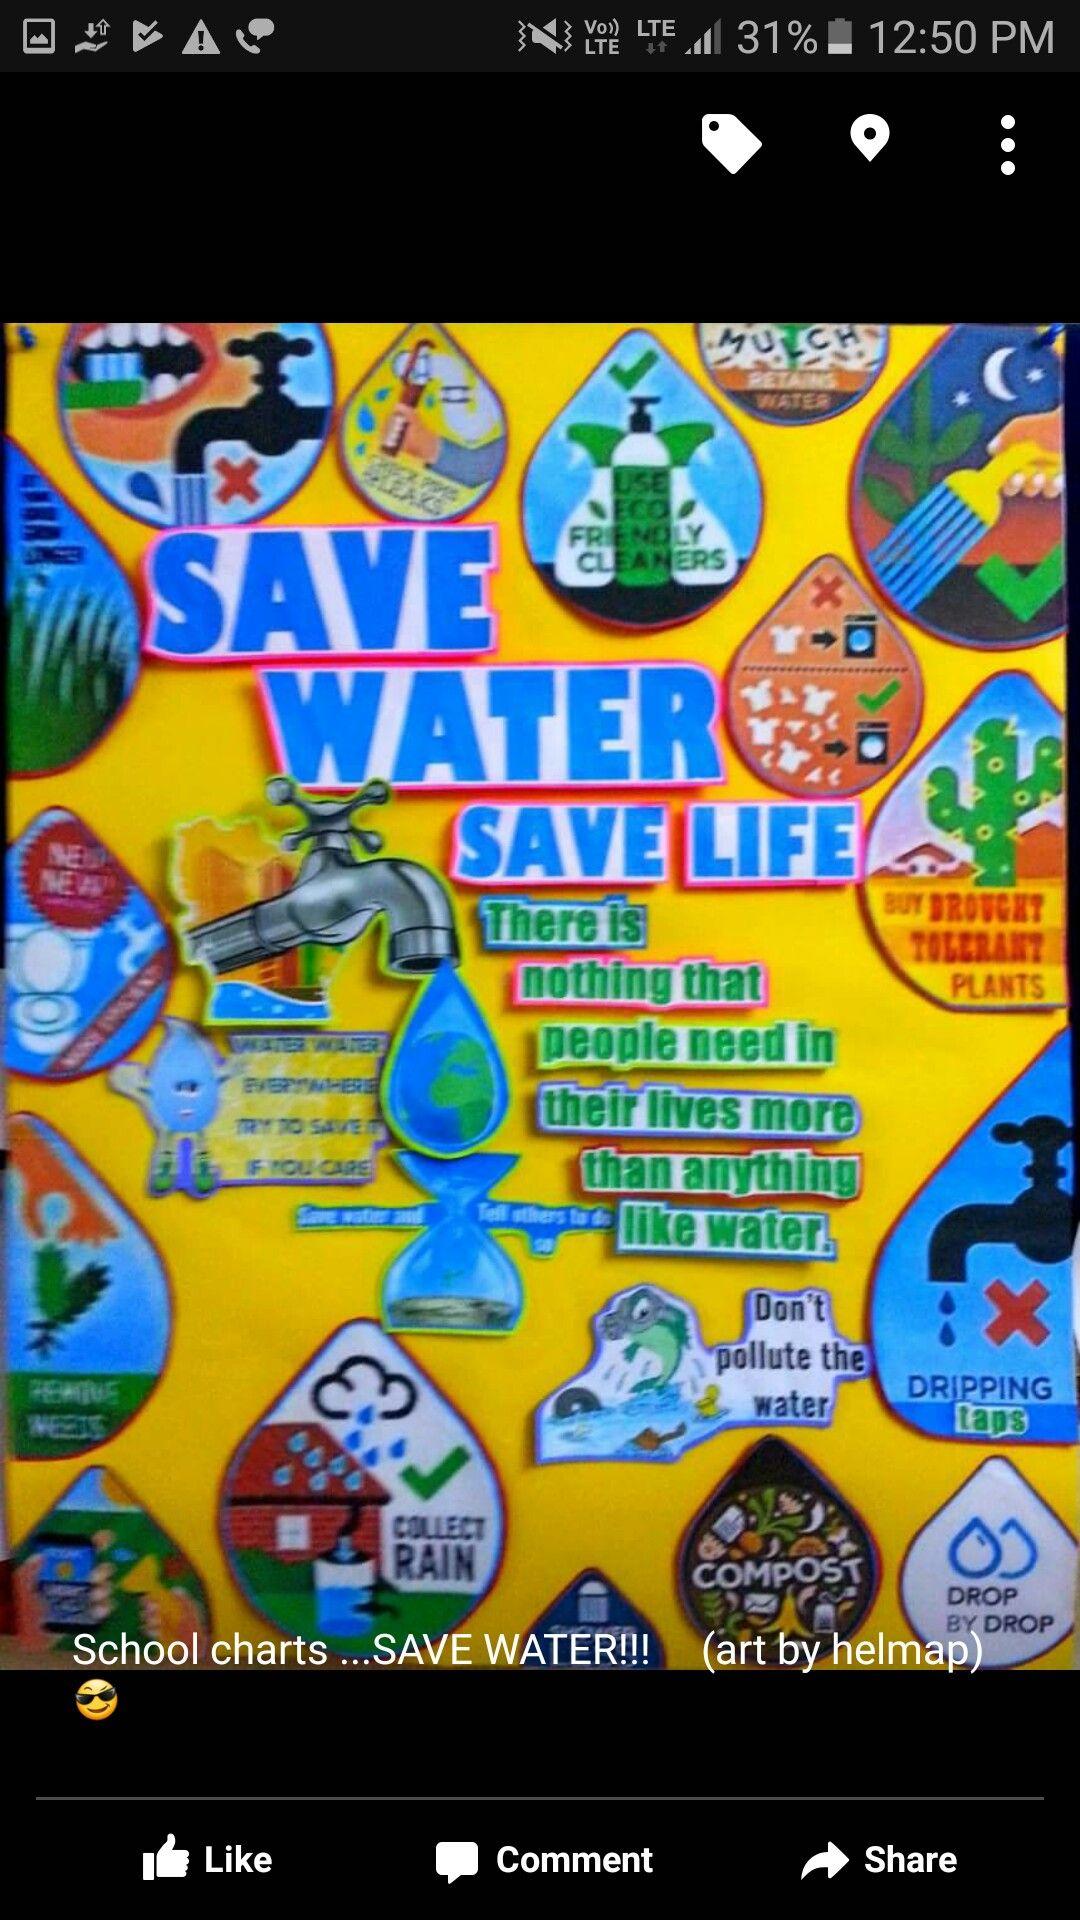 Bulletin boards paper art chart design papercraft pin also school ideas  cutting by helmap rh pinterest